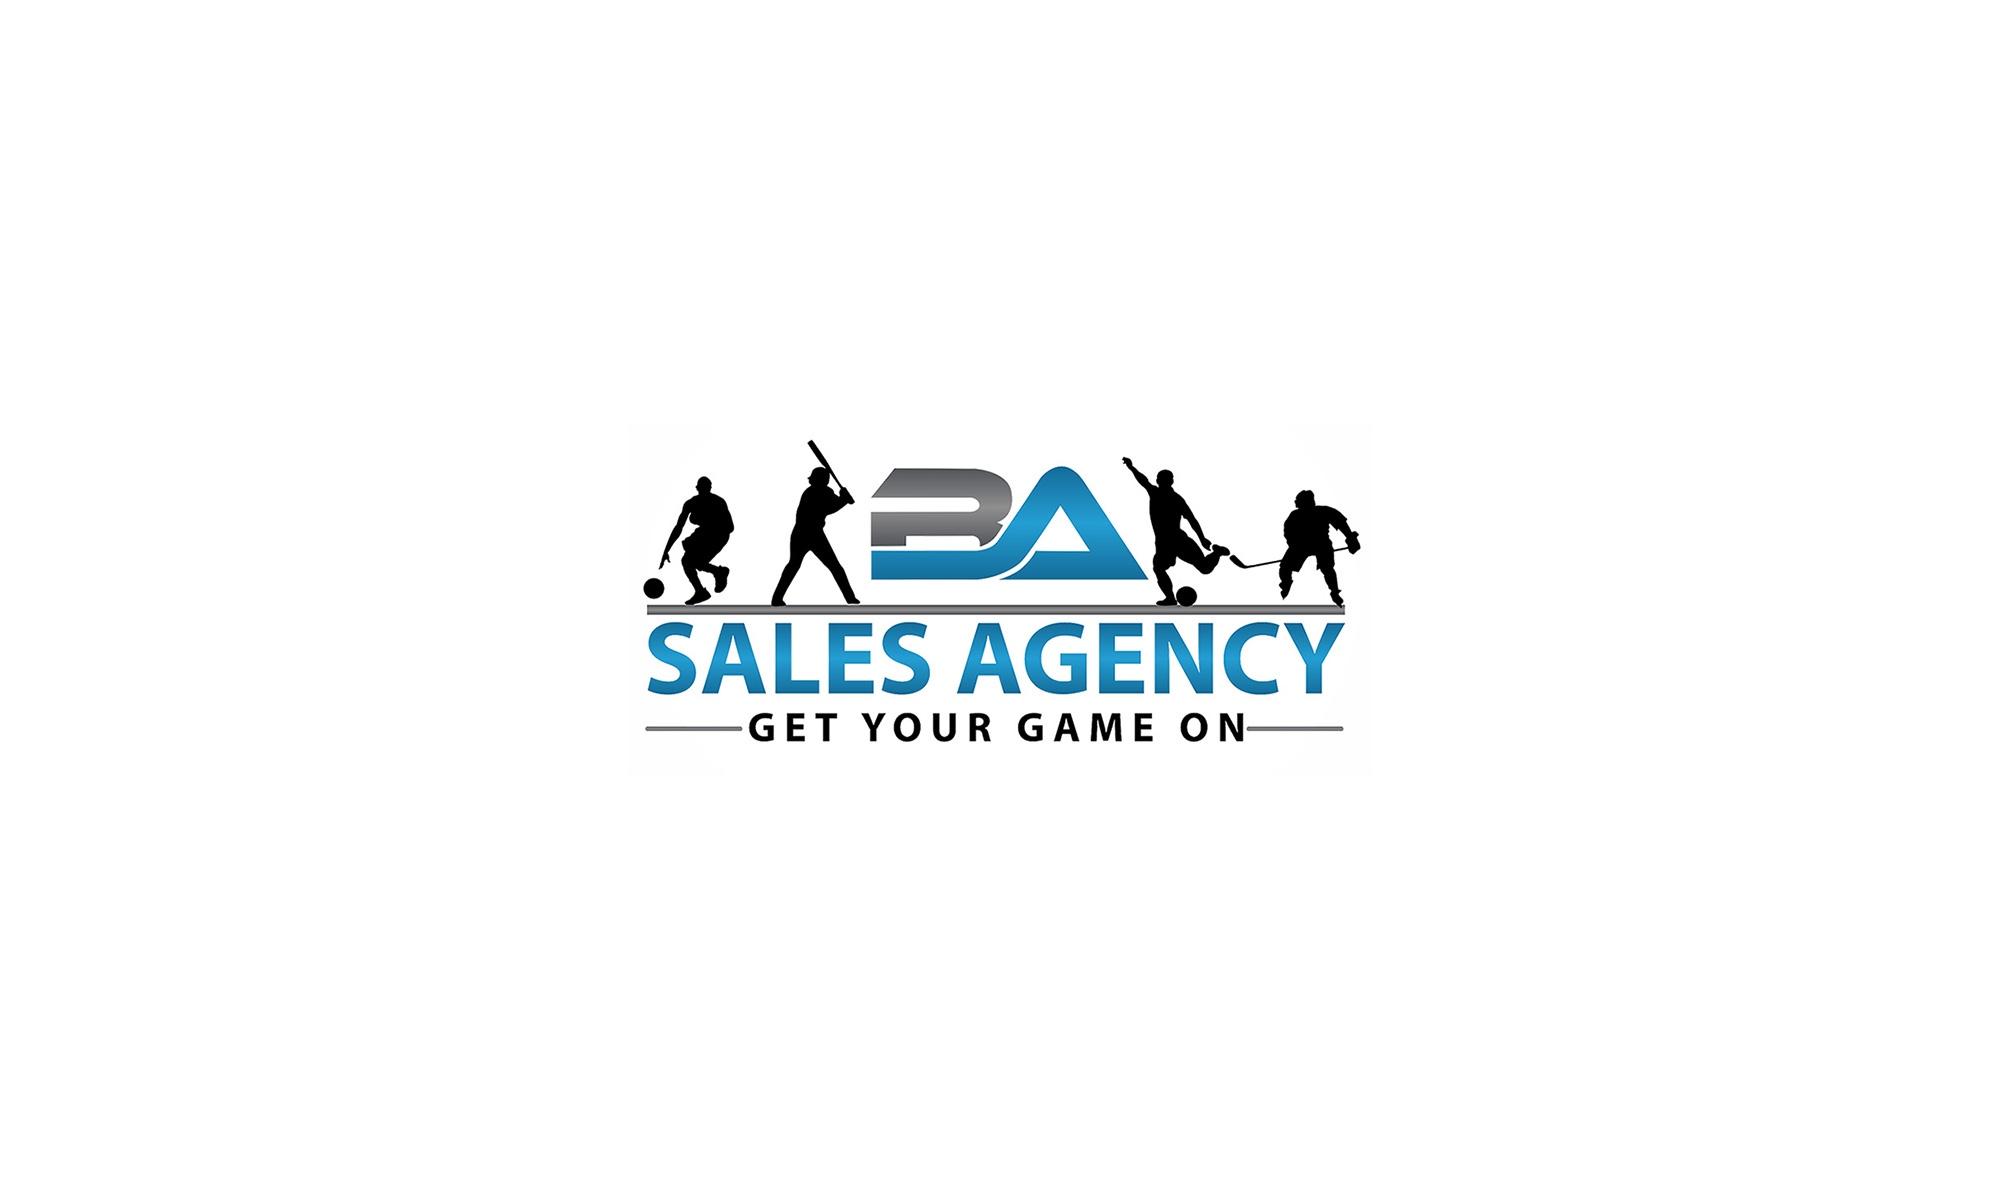 BA Sales Agency